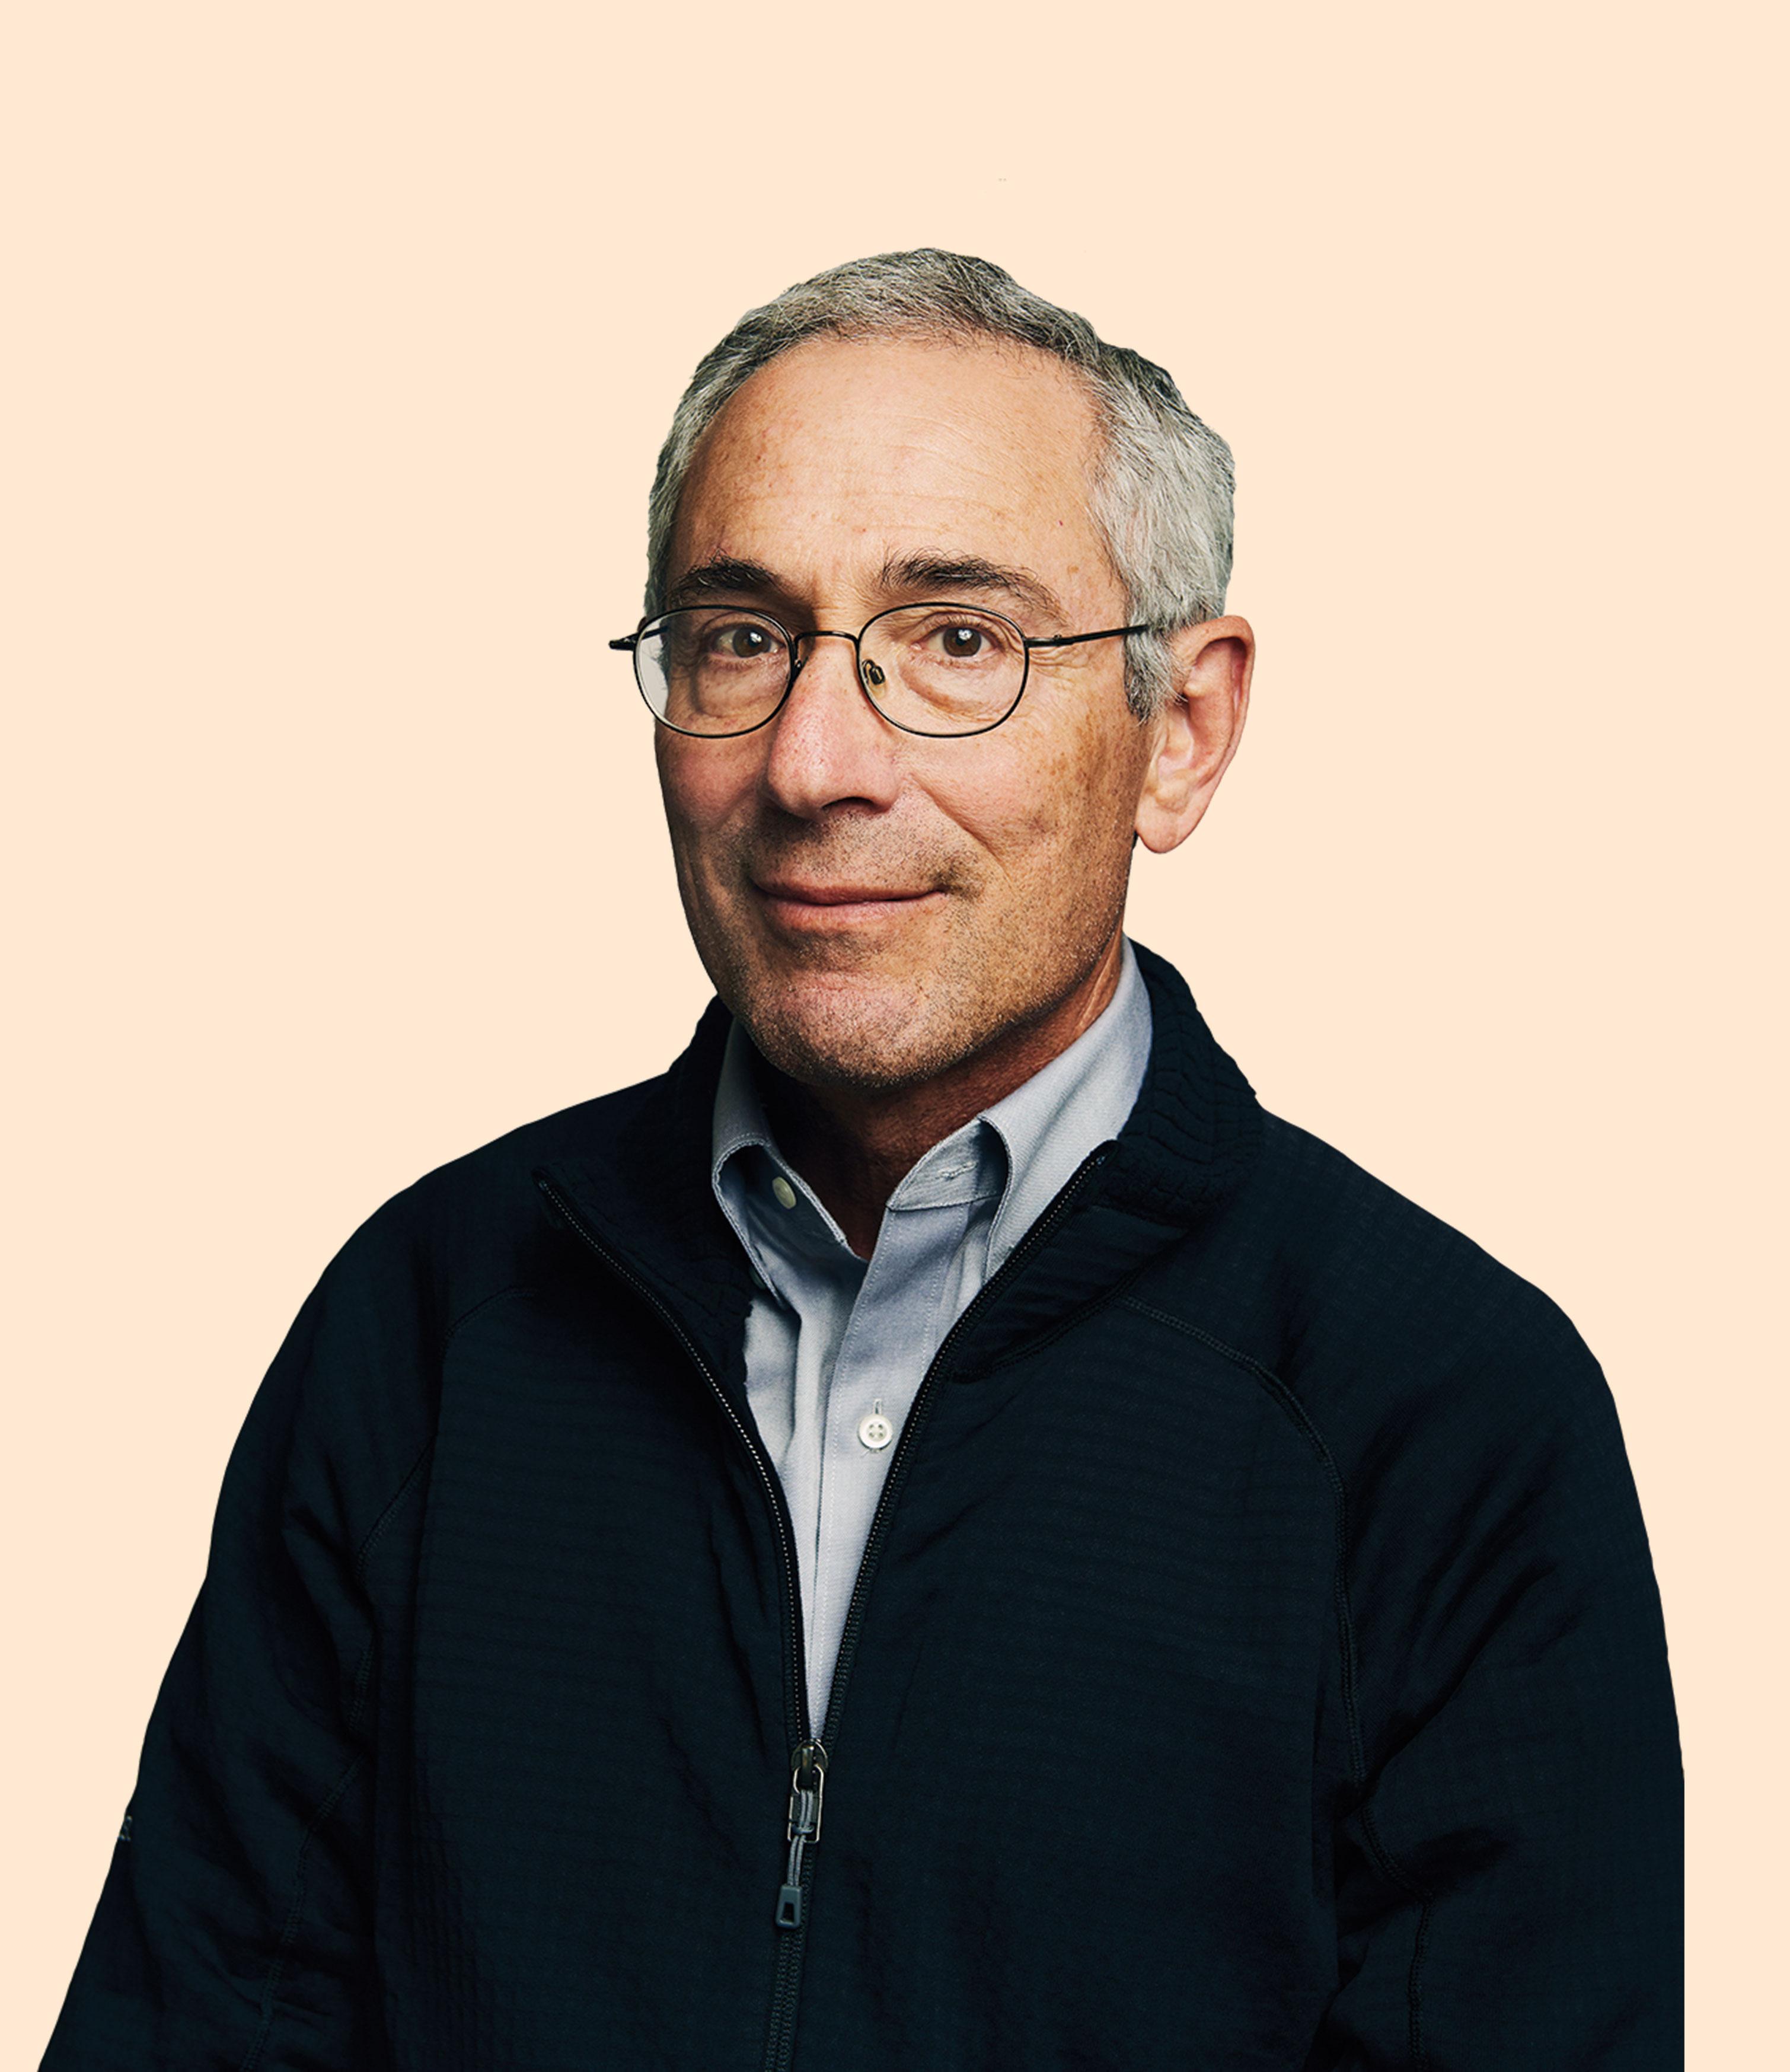 El cofundador Tom Insel, psiquiatra y ex director del Instituto Nacional de Salud Mental.